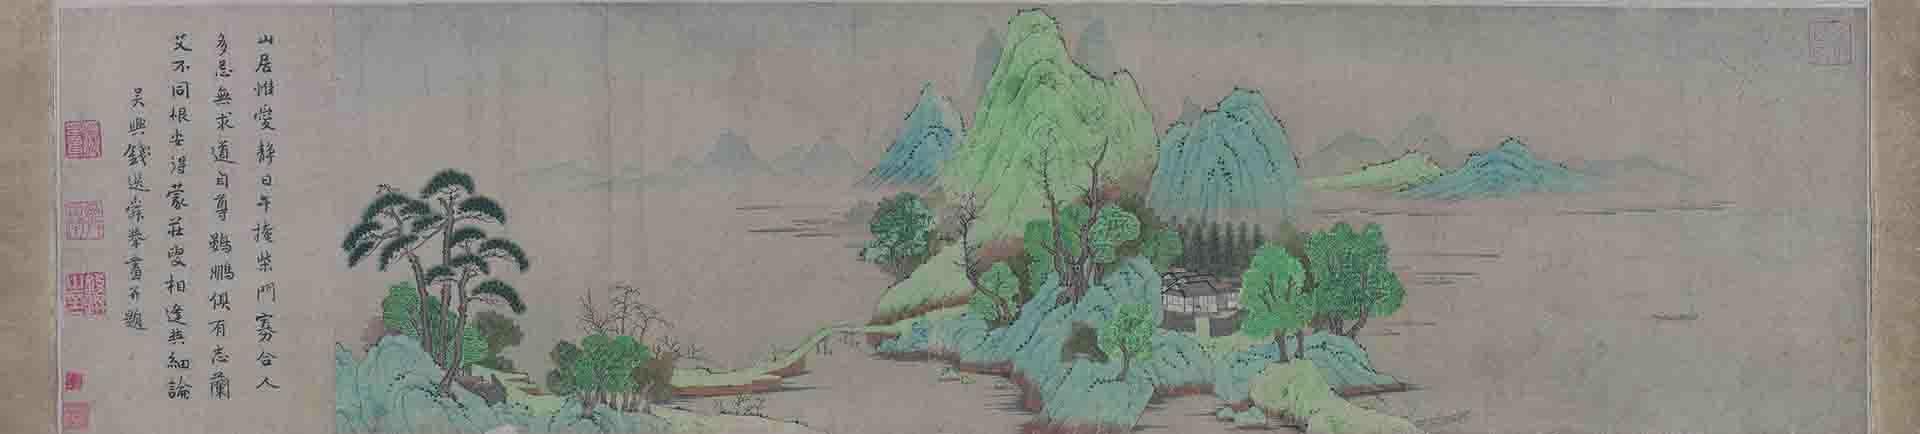 元 钱选 山居图(二版)纸本26.5X111.6